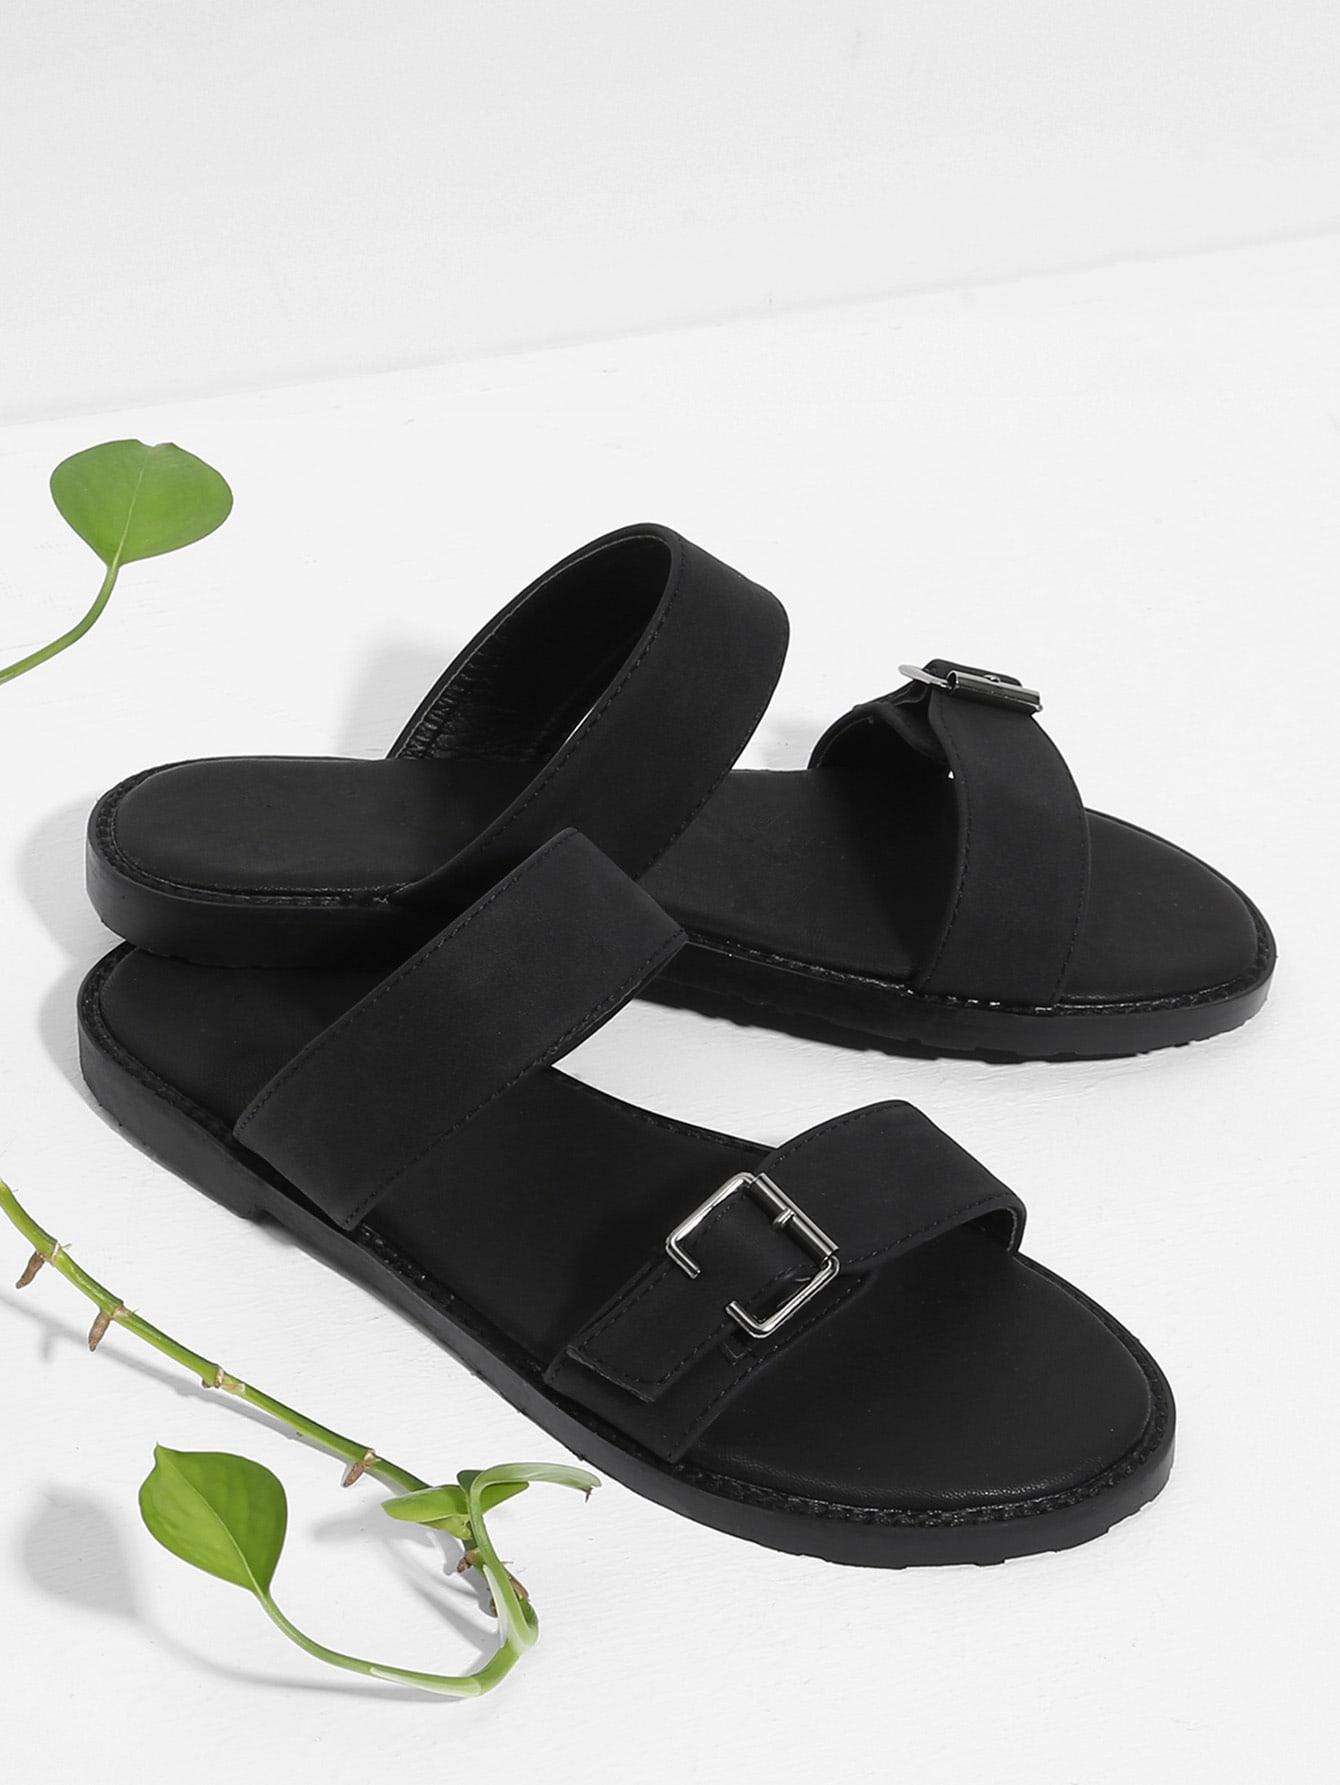 Плоские сандалии с застежкой, null, SheIn  - купить со скидкой